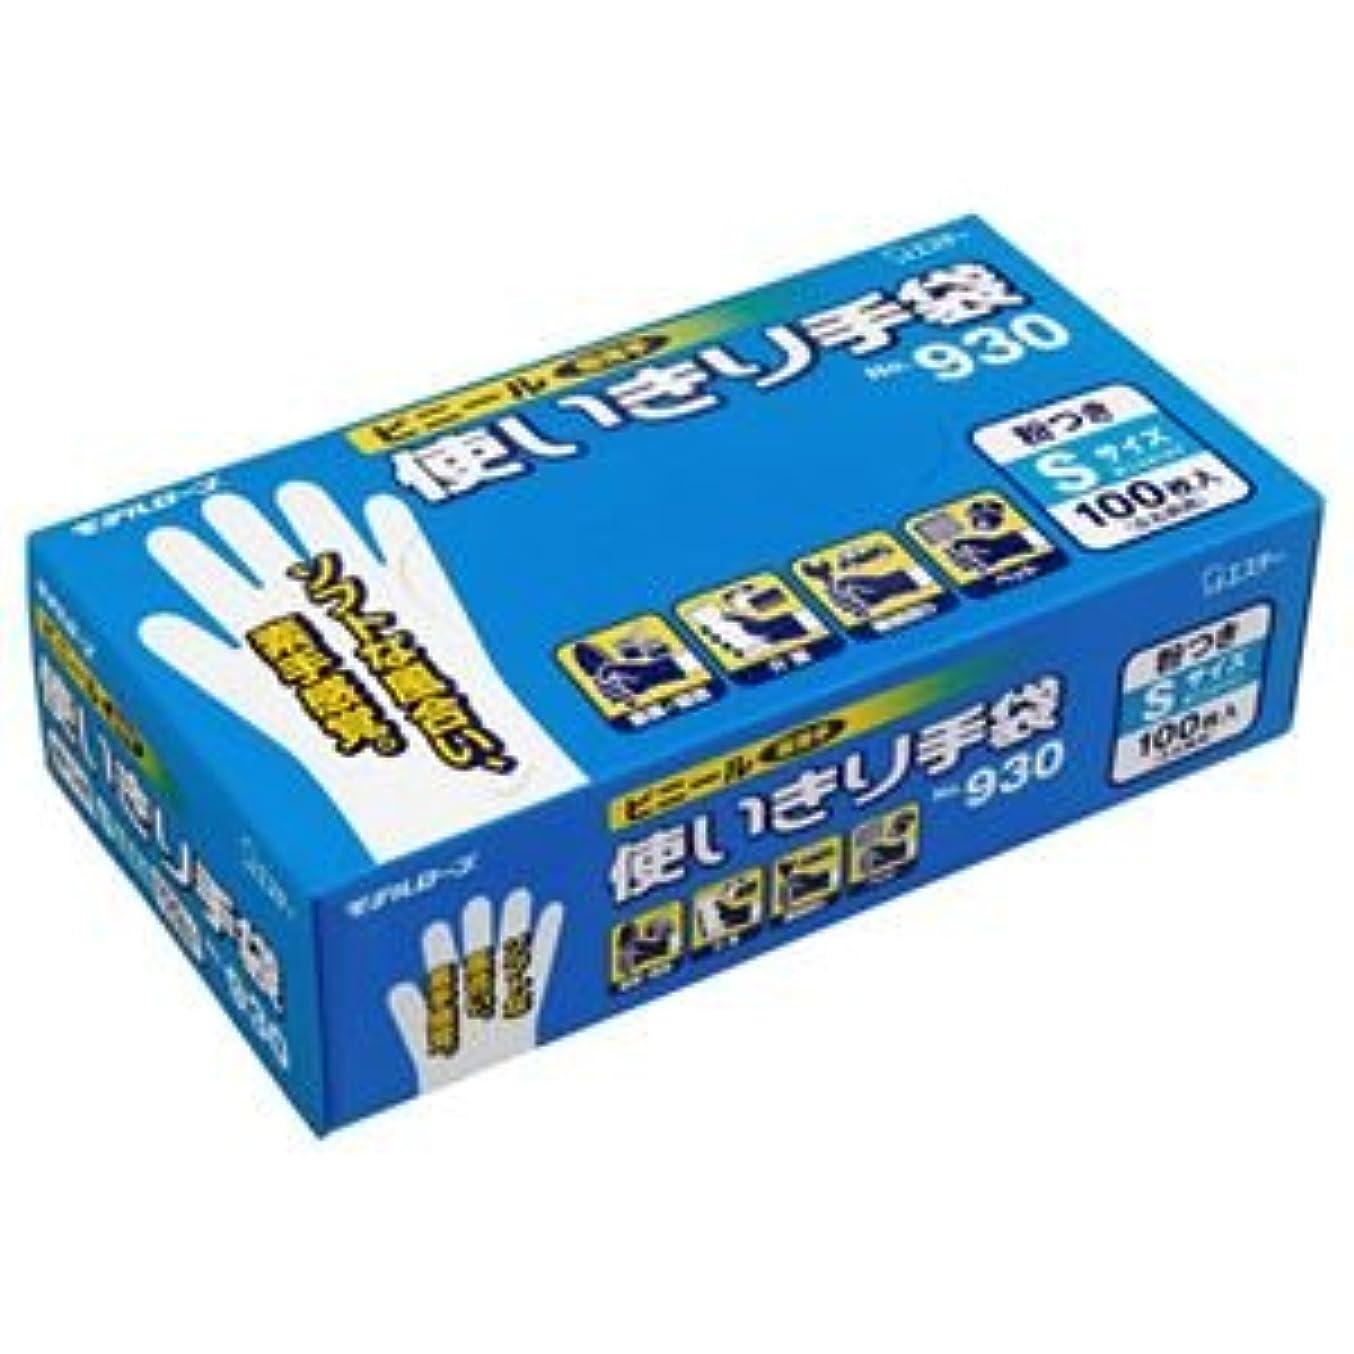 集計切り離す光の(まとめ) エステー No.930 ビニール使いきり手袋(粉付) S 1箱(100枚) 【×5セット